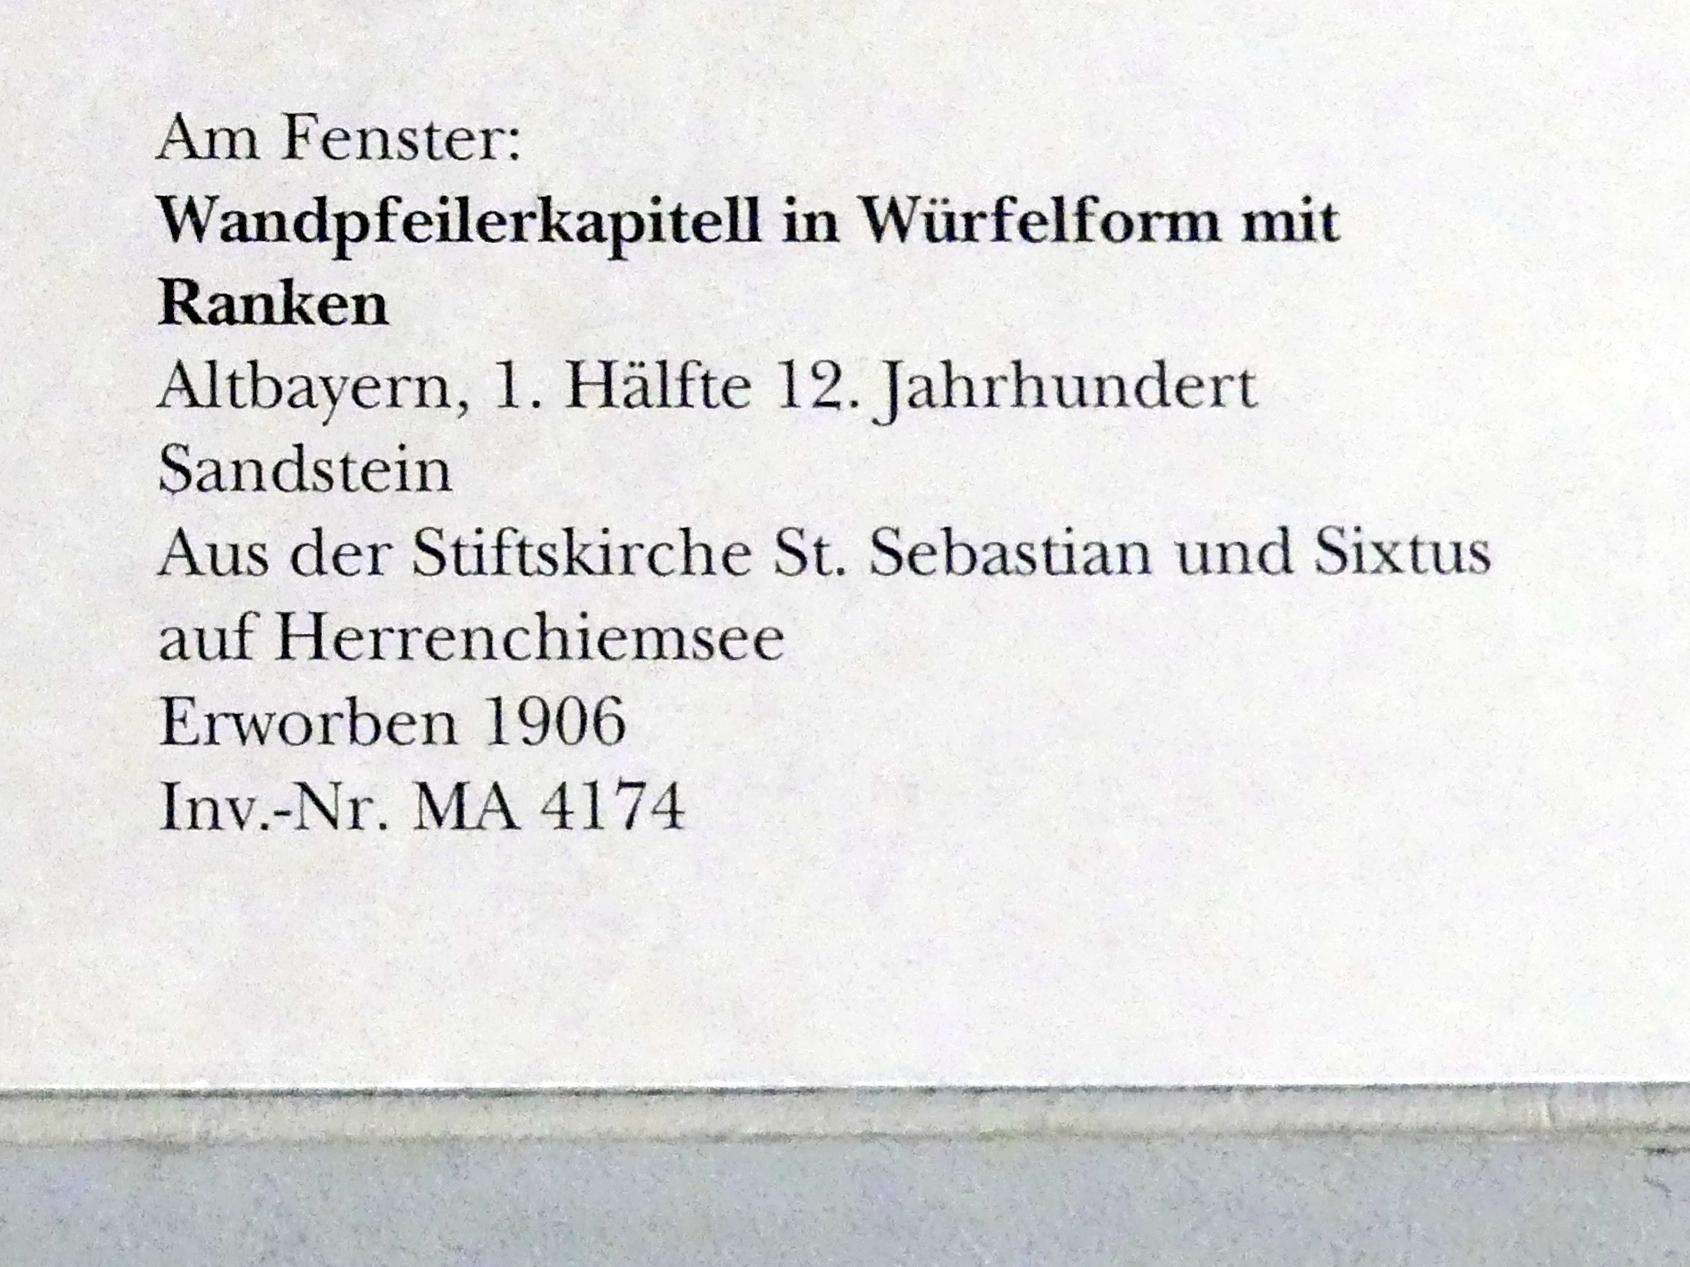 Wandpfeilerkapitell in Würfelform in Ranken, 1. Hälfte 12. Jhd.